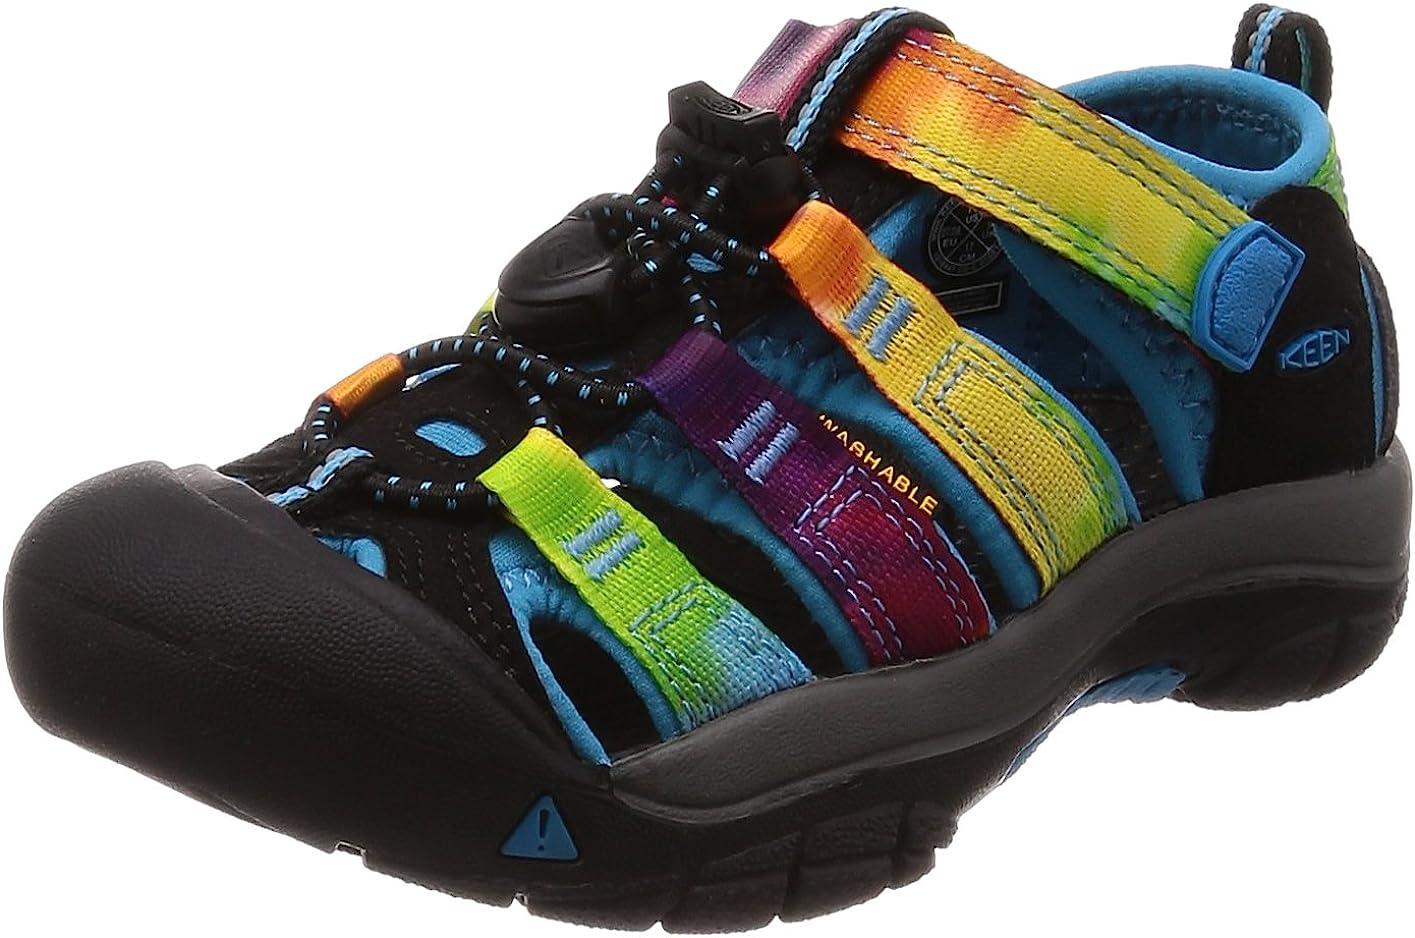 Keen Unisex Kids/' Newport H2 Sandal